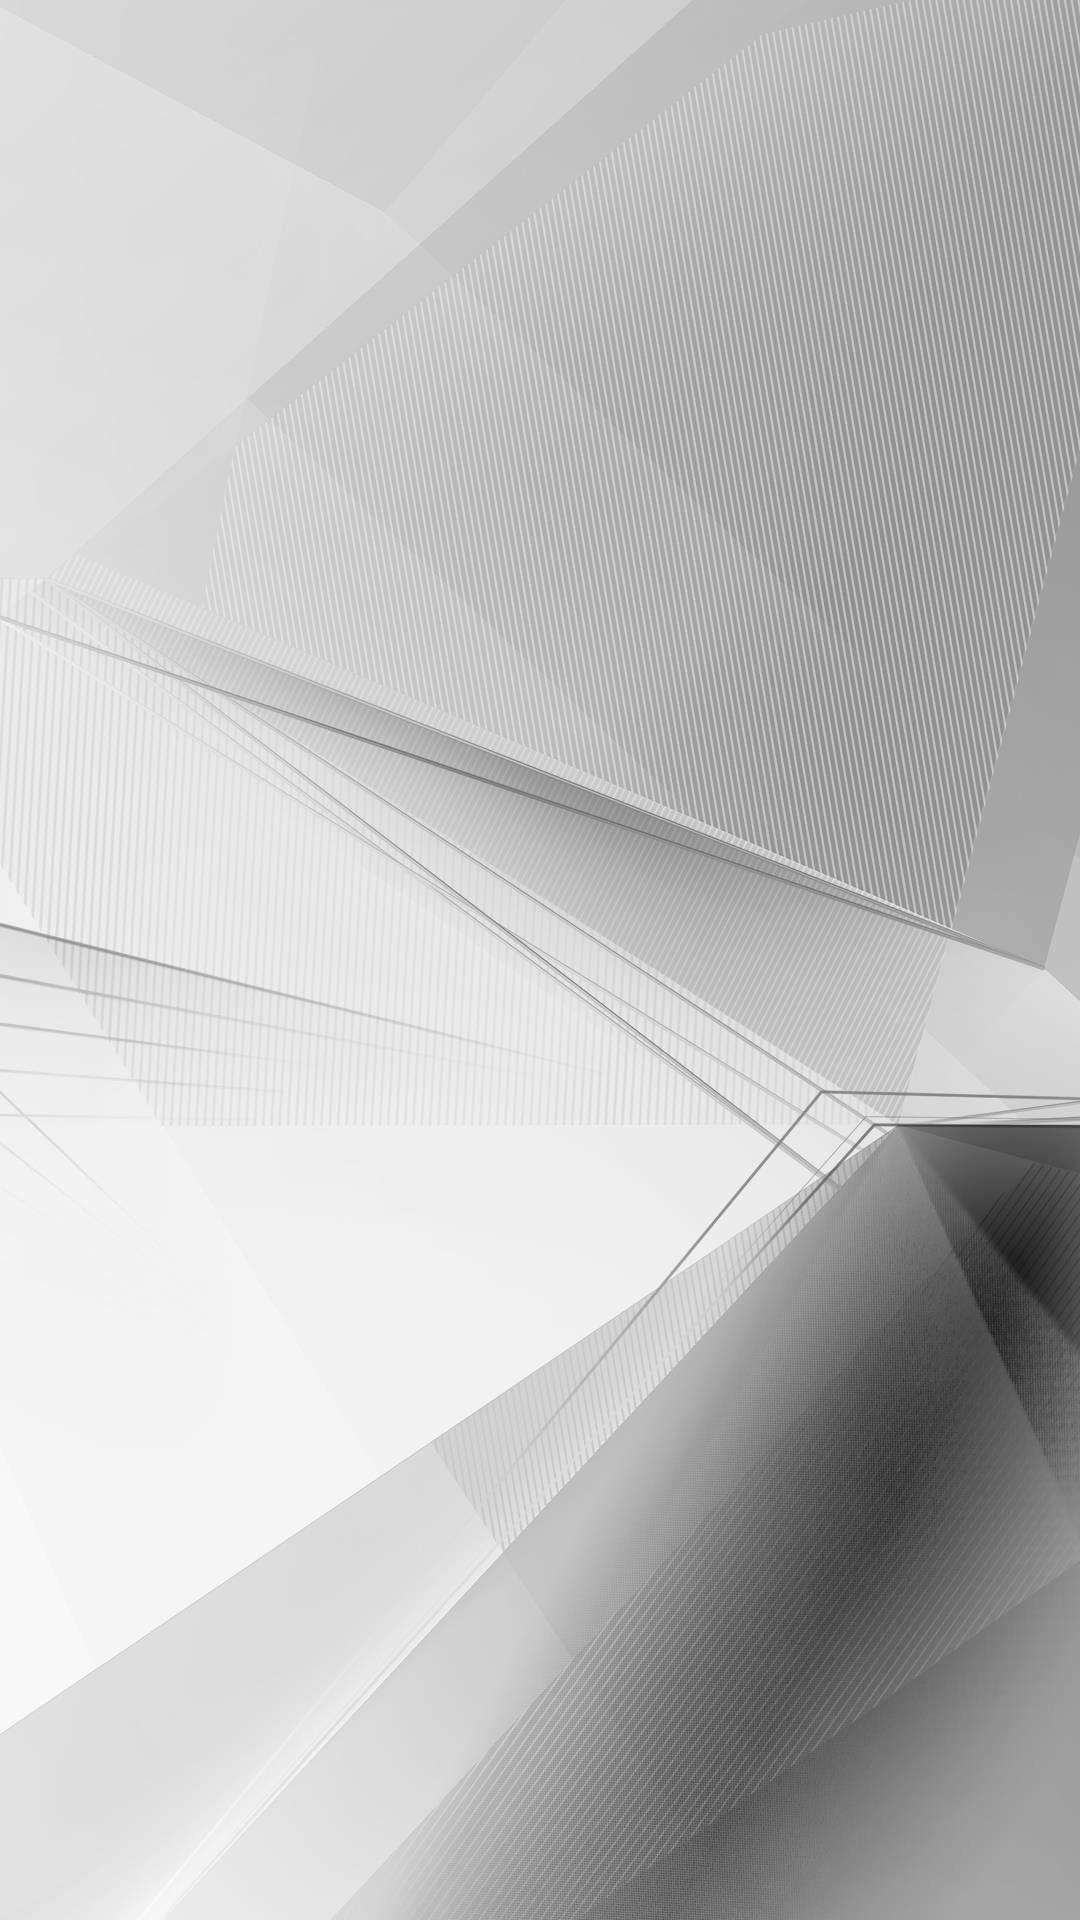 프리즘 컬러 파스텔 에디션 배경화면 (5).jpg